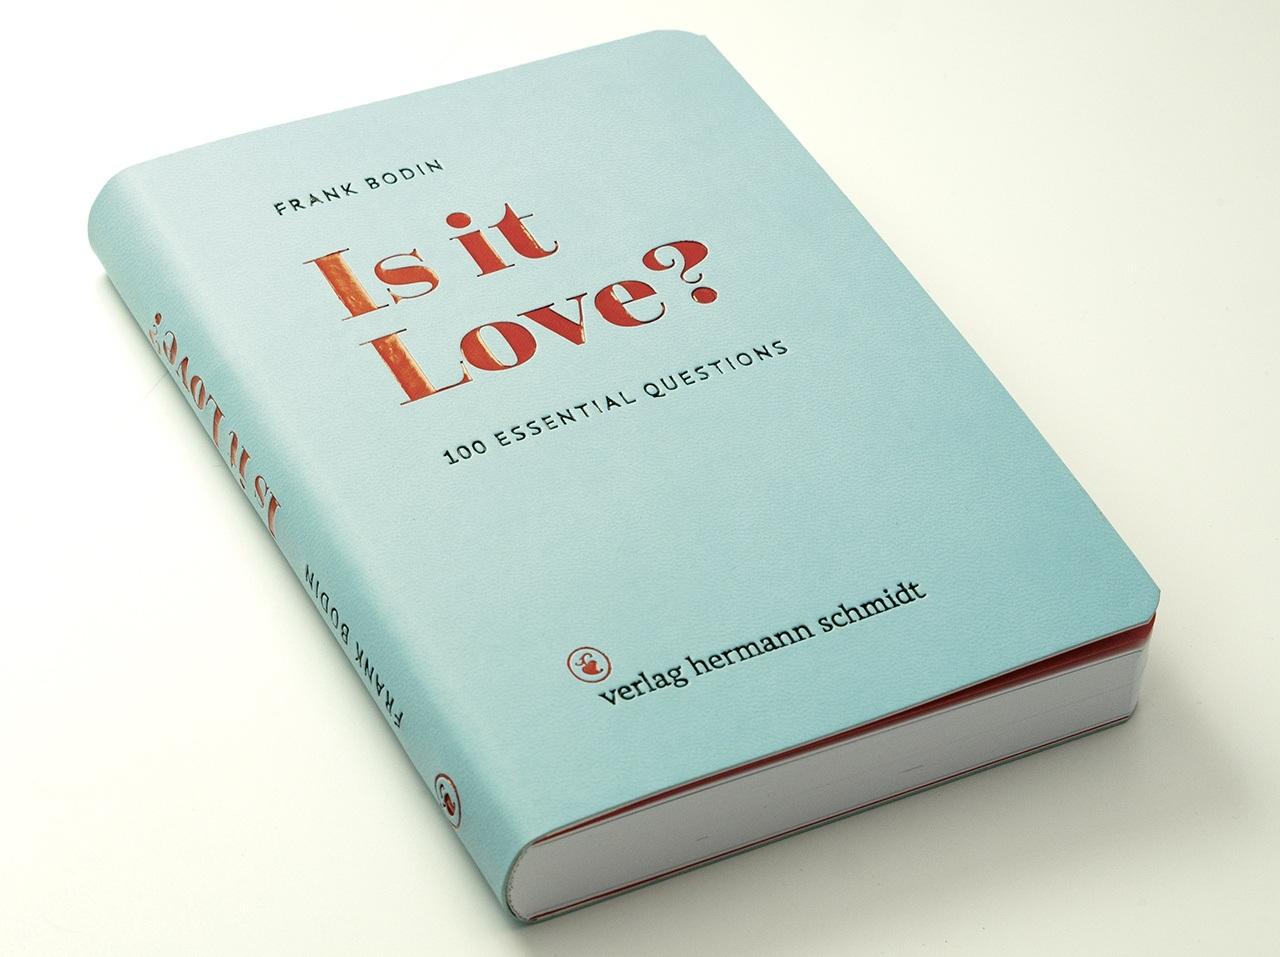 Detailansicht vom Buch »Is it Love?«